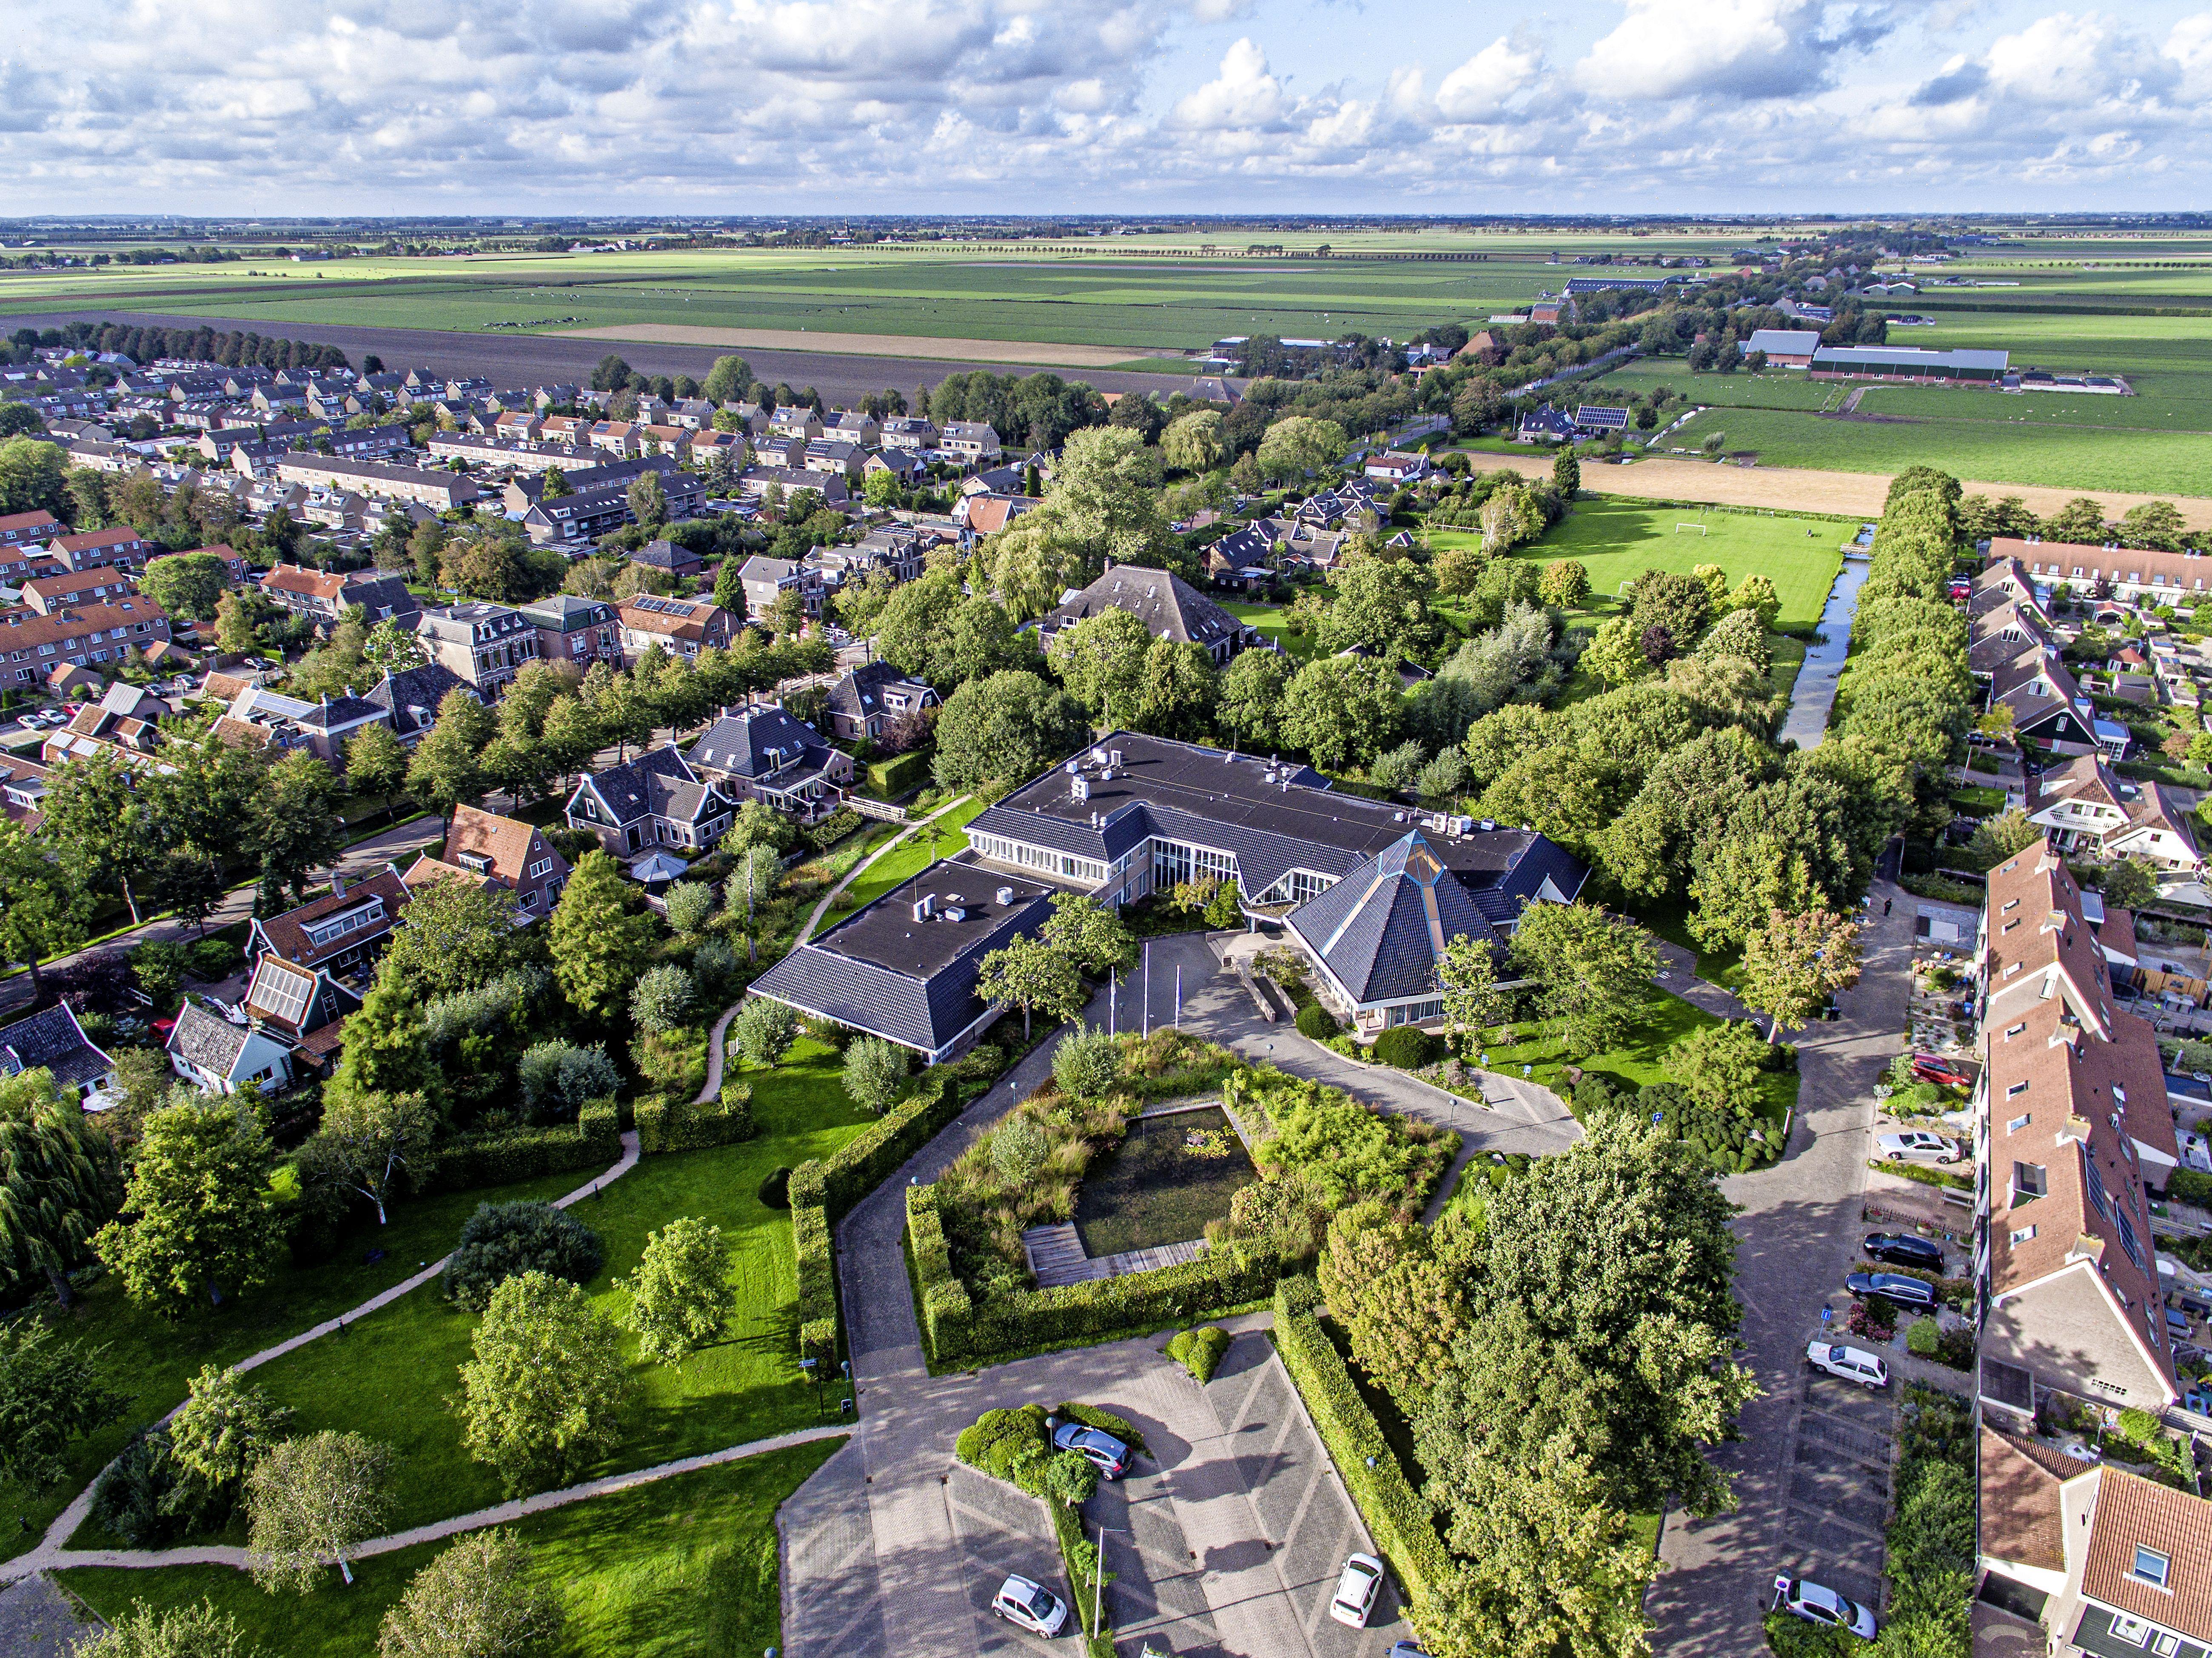 'Schandalig dat er veel te weinig sociale huurwoningen zijn in een rijke gemeente als Beemster'. Gemeentebestuur moet op zoek naar een oplossing